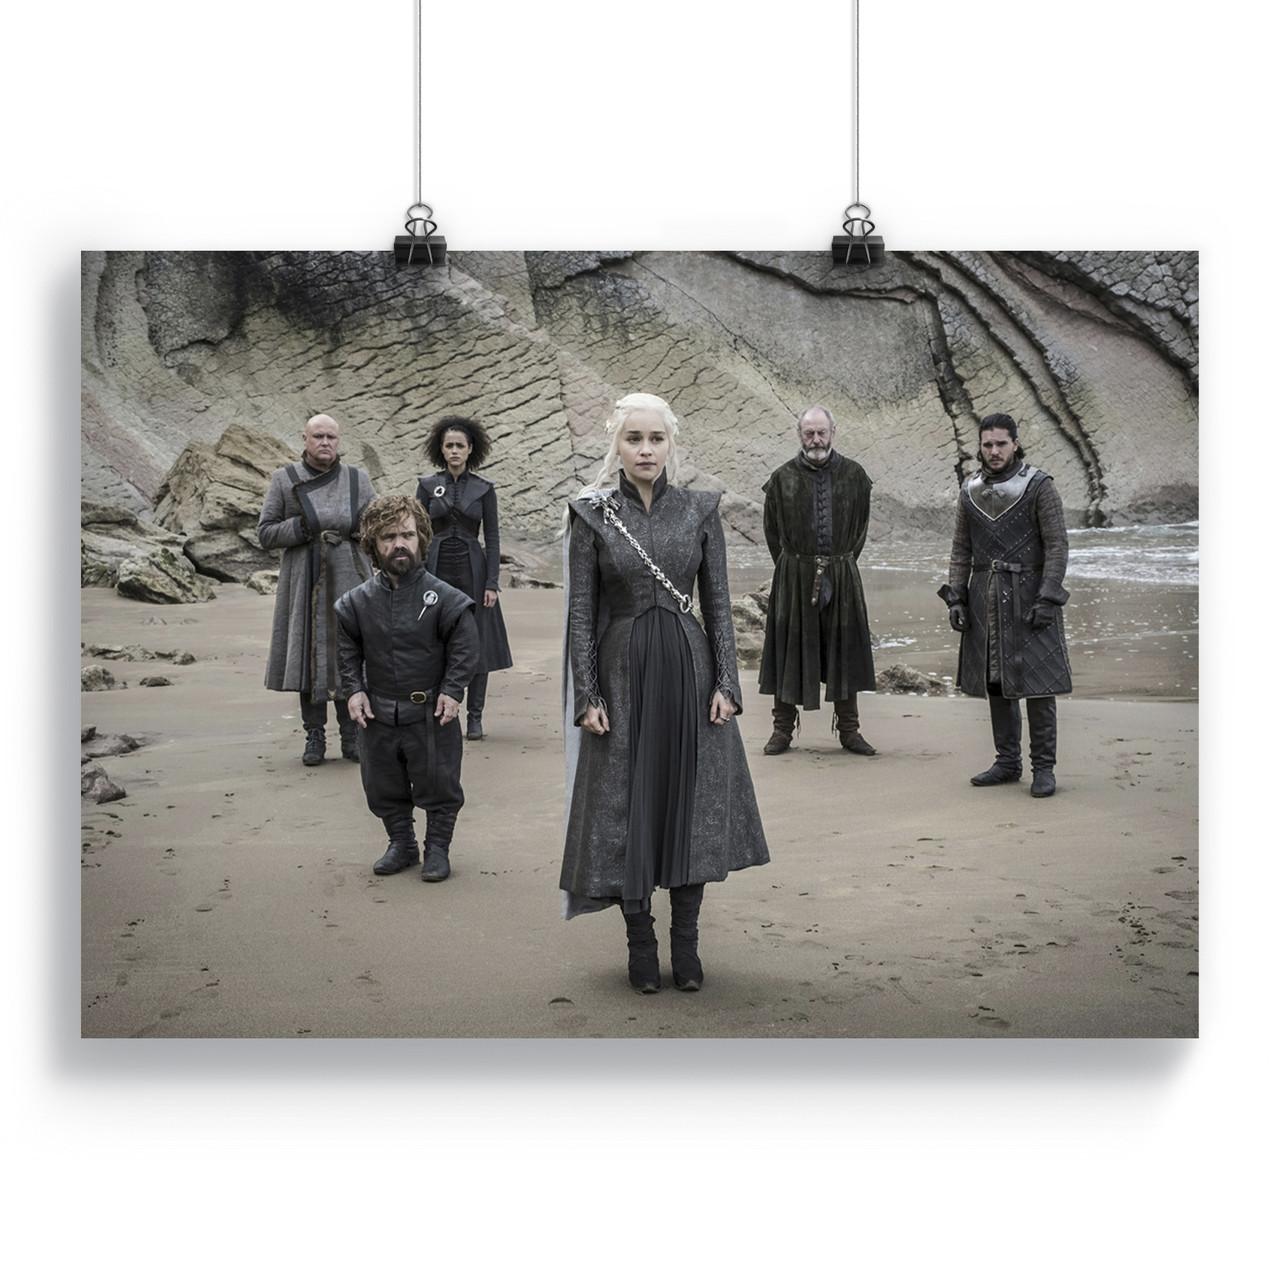 Плакат Гра престолів | Game of Thrones 57